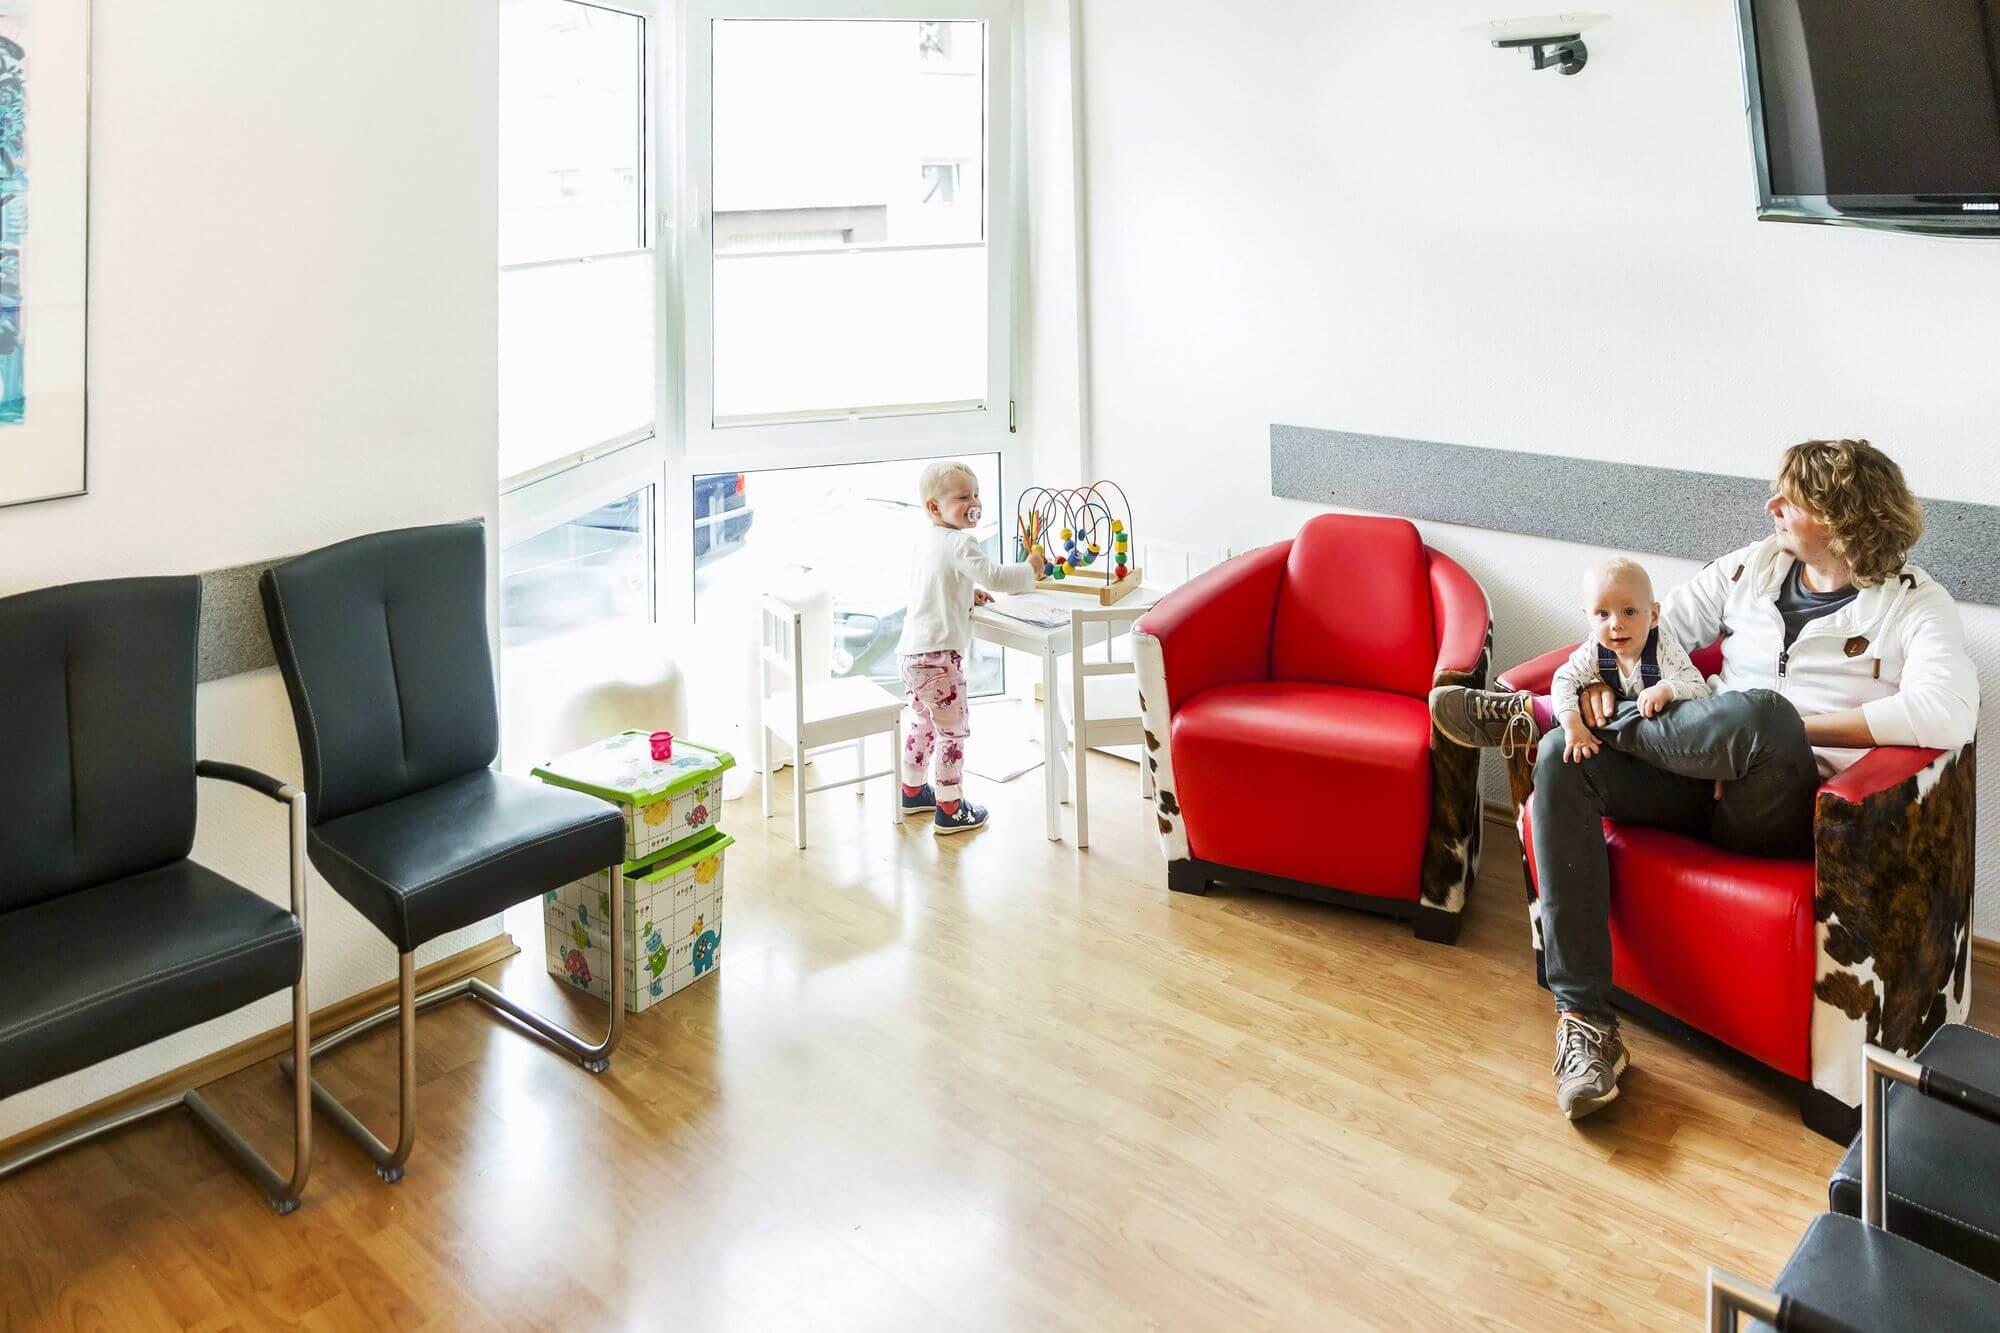 Spielende Kinder und Erwachsene im Wartezimmer